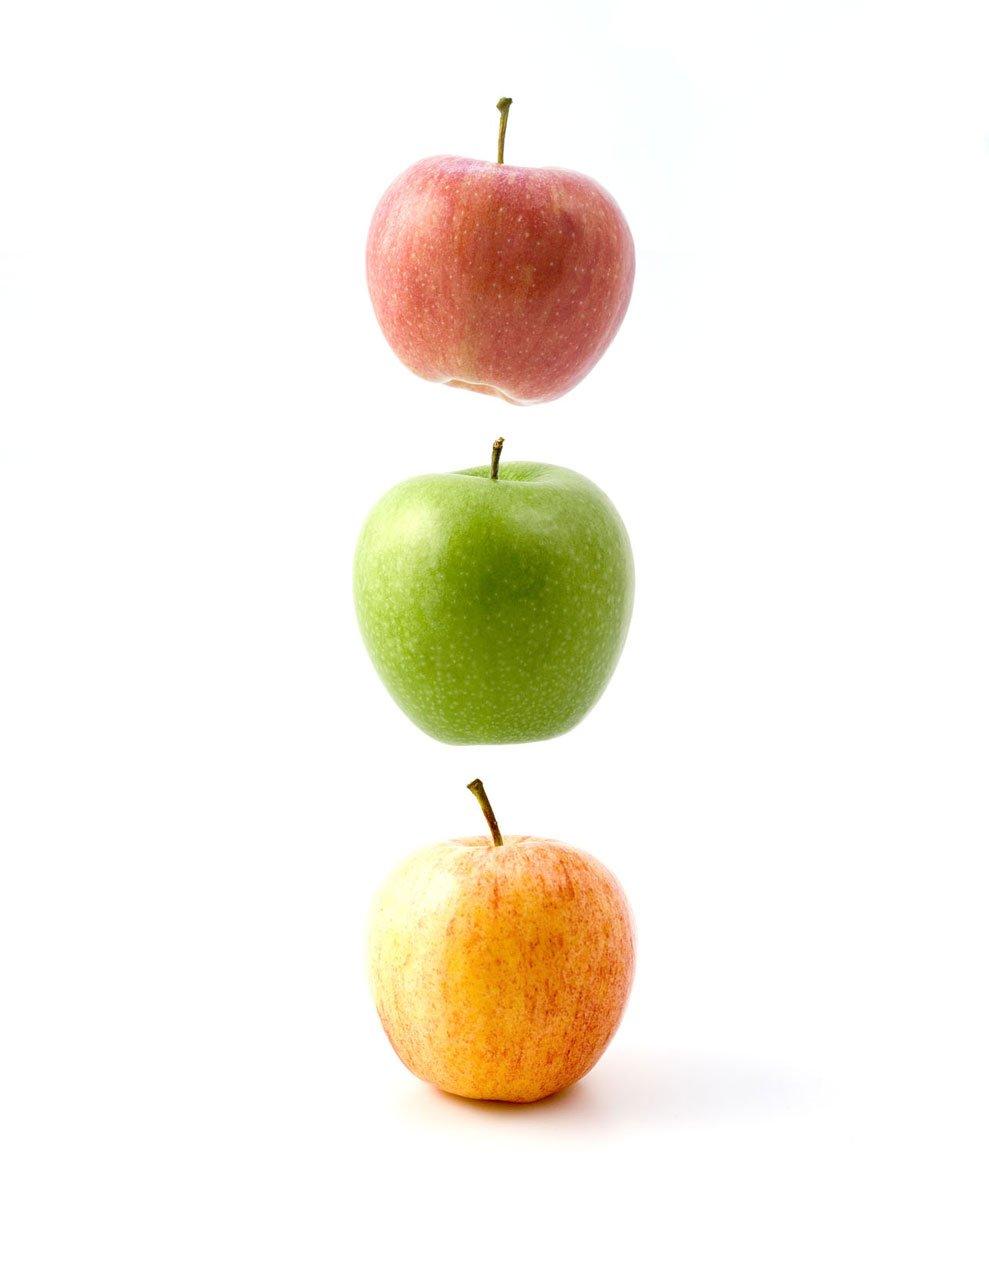 Яблоко картинки анимашки